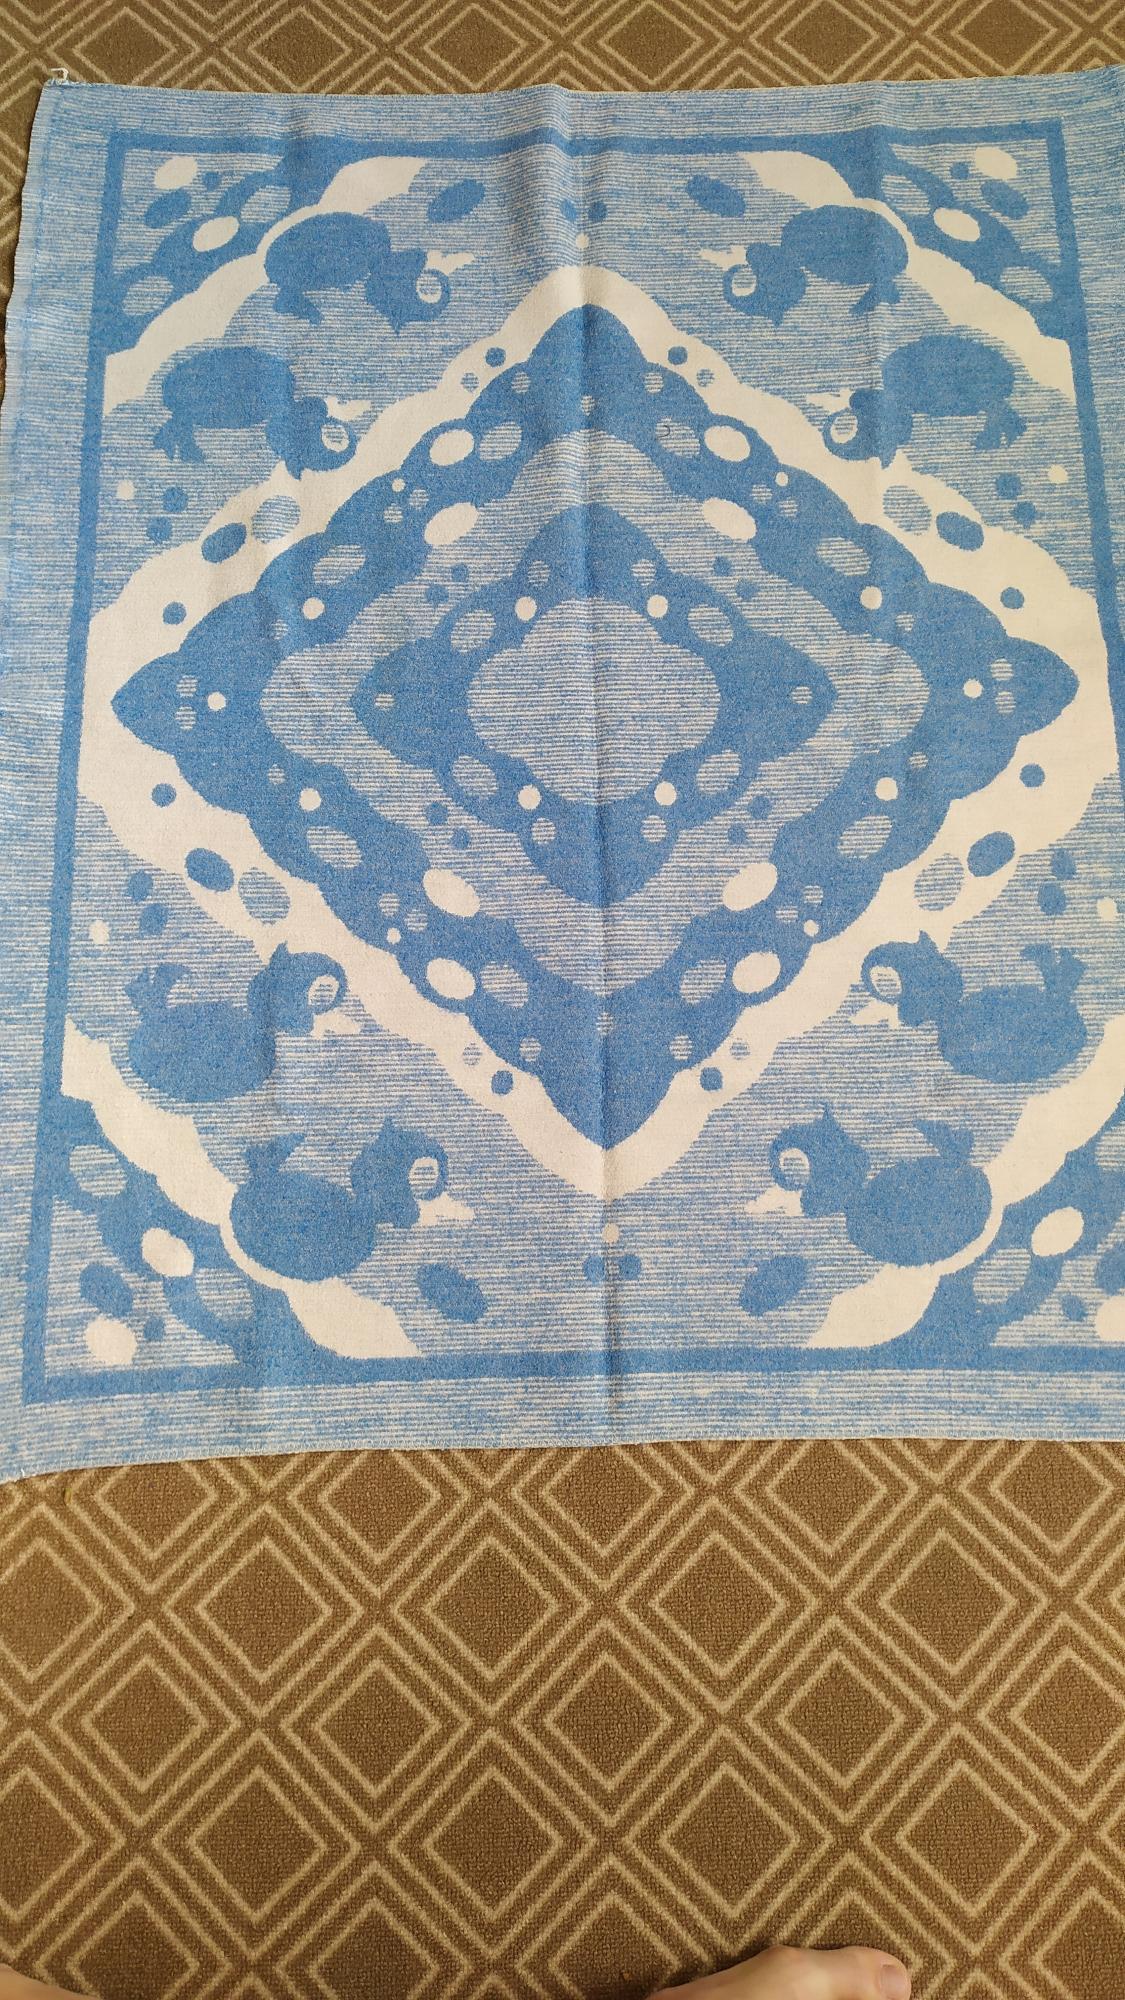 Байковое одеяло в кроватку 89265639312 купить 1